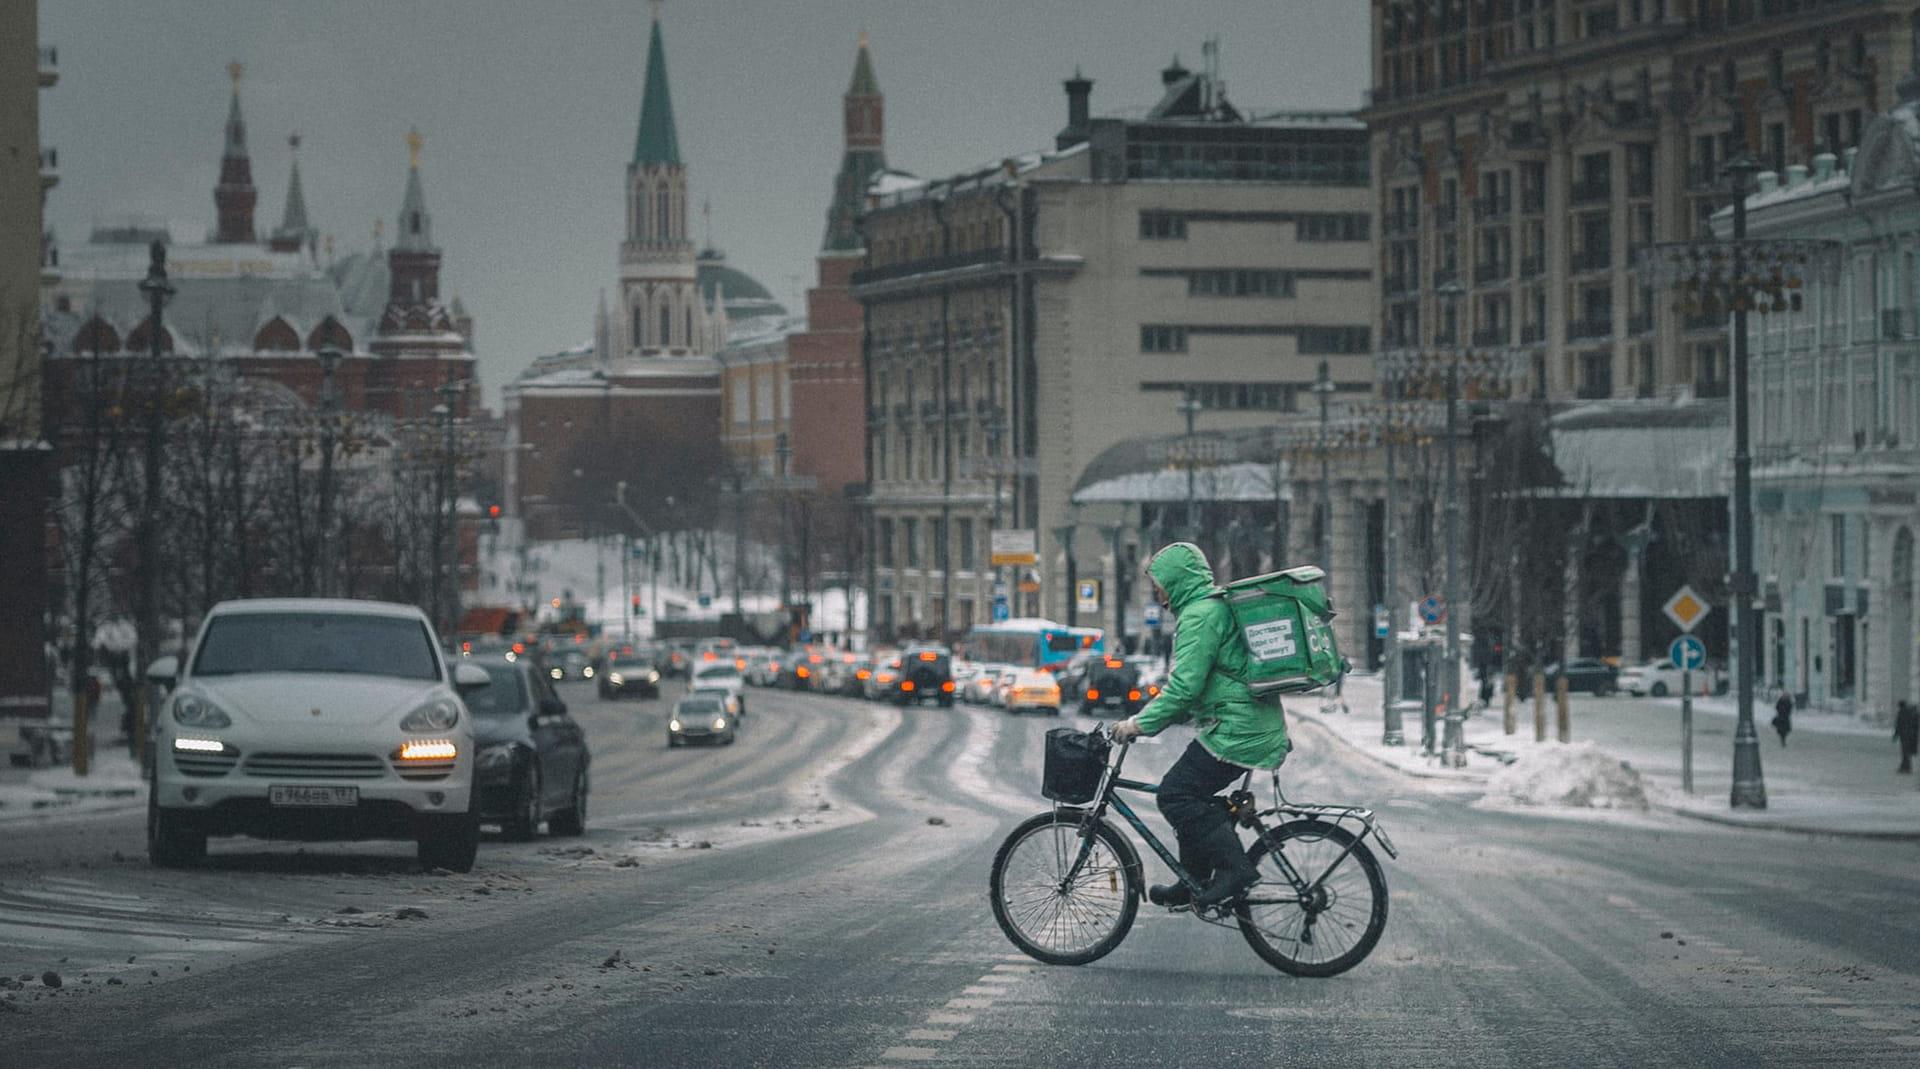 Профсоюзы в российском диджитал: просто «кричат в интернете» или что-то меняют?